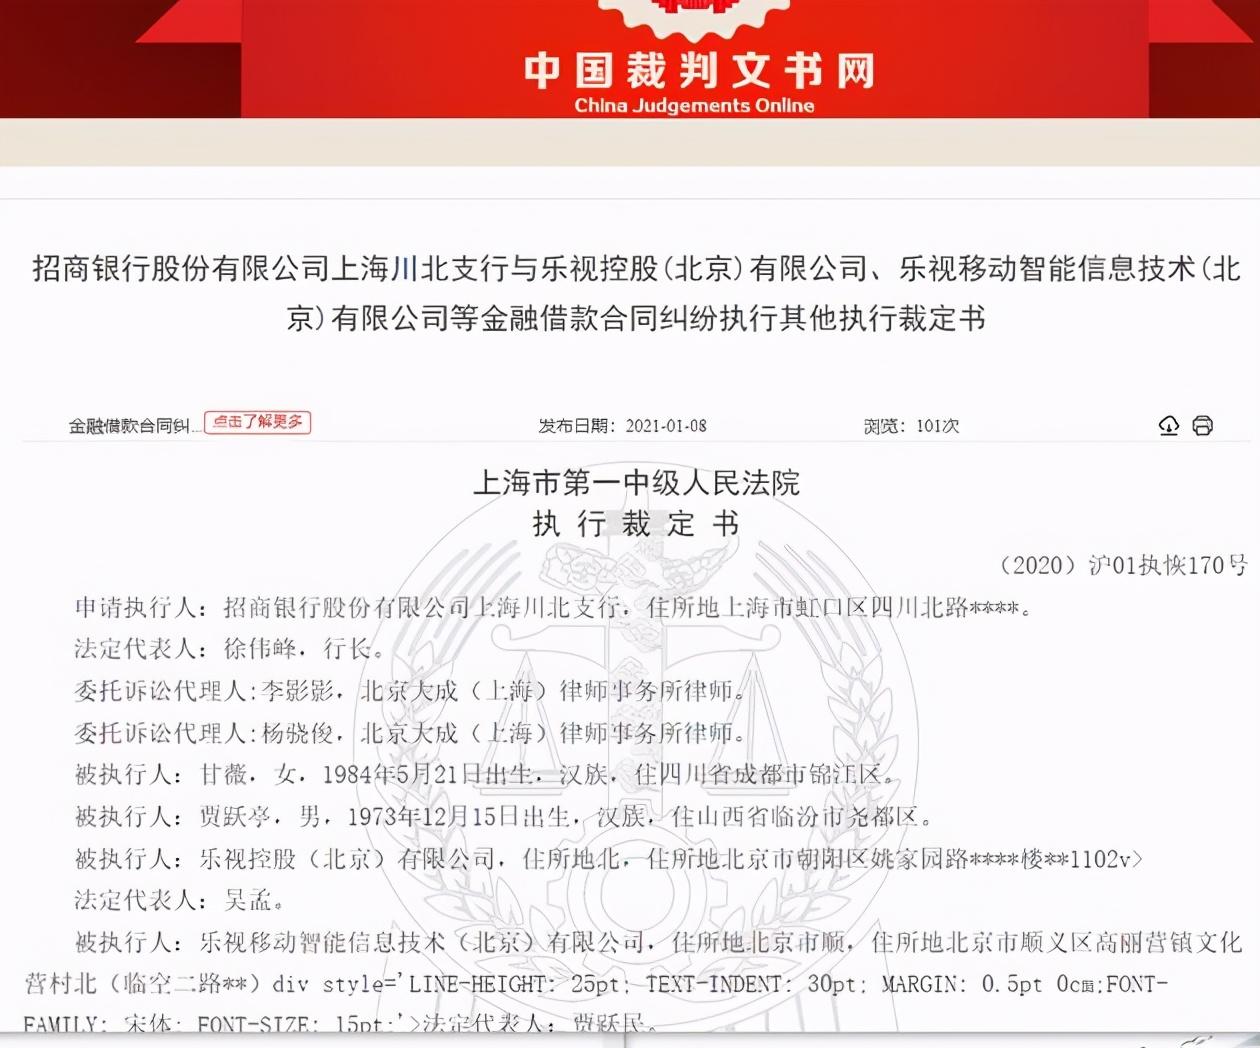 FF被传借壳上市后,曝贾跃亭甘薇豪宅被拍卖还债,仍欠招行4亿